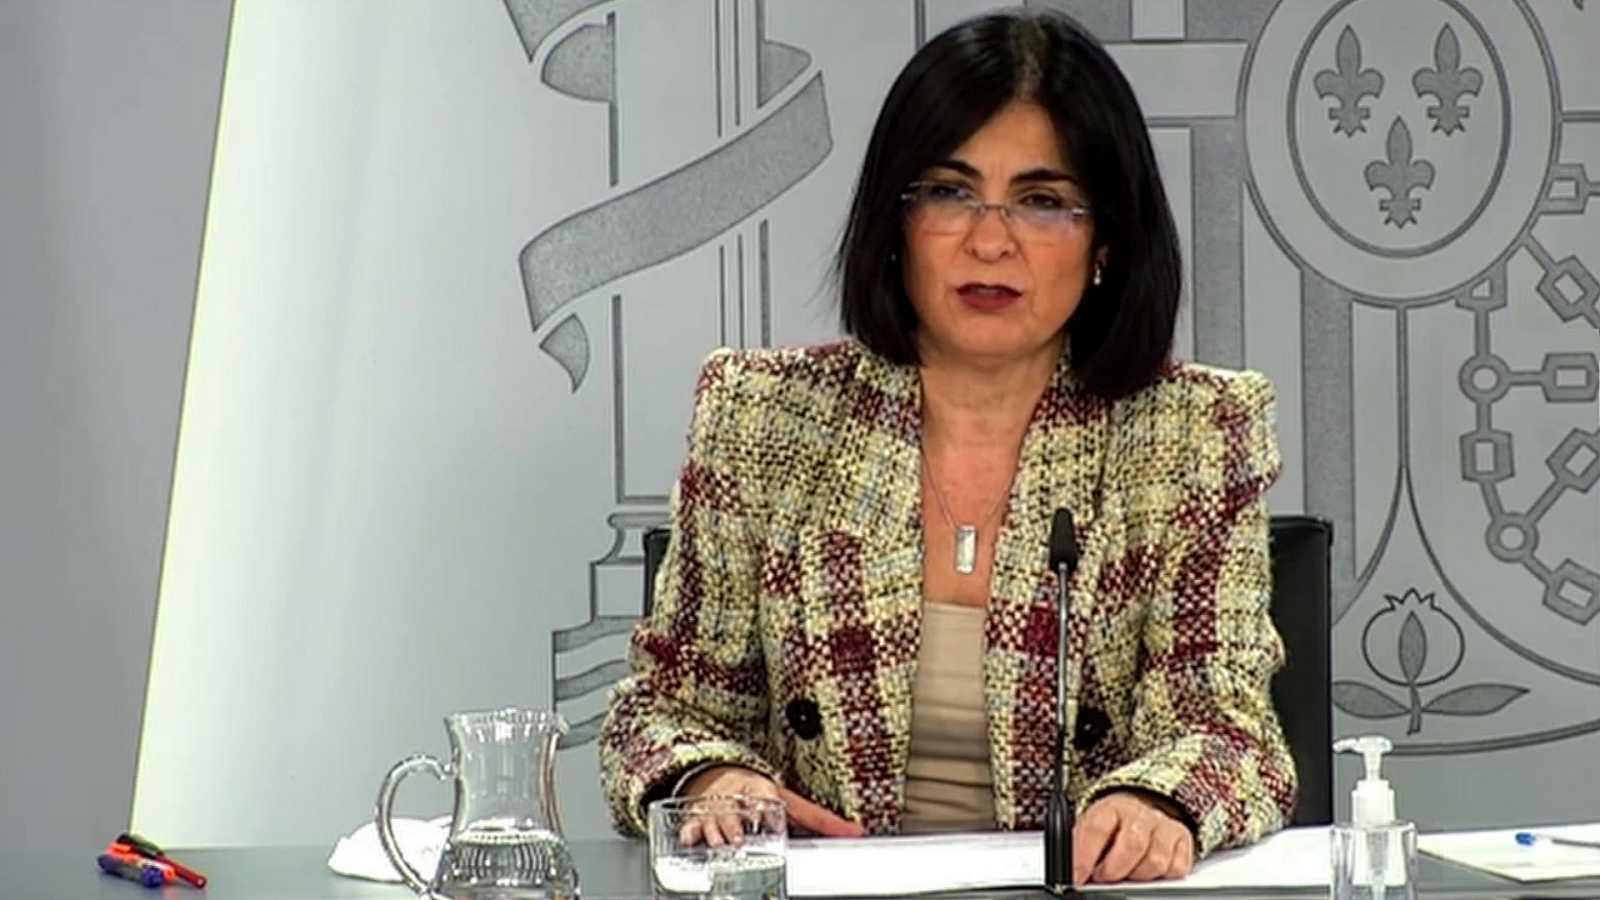 Especial informativo - Comparecencia de la ministra de Sanidad, la directora de la Agencia Española del Medicamento, y el director del Centro de Coordinación de Alertas y Emergencias Sanitarias - 18/03/21 - ver ahora